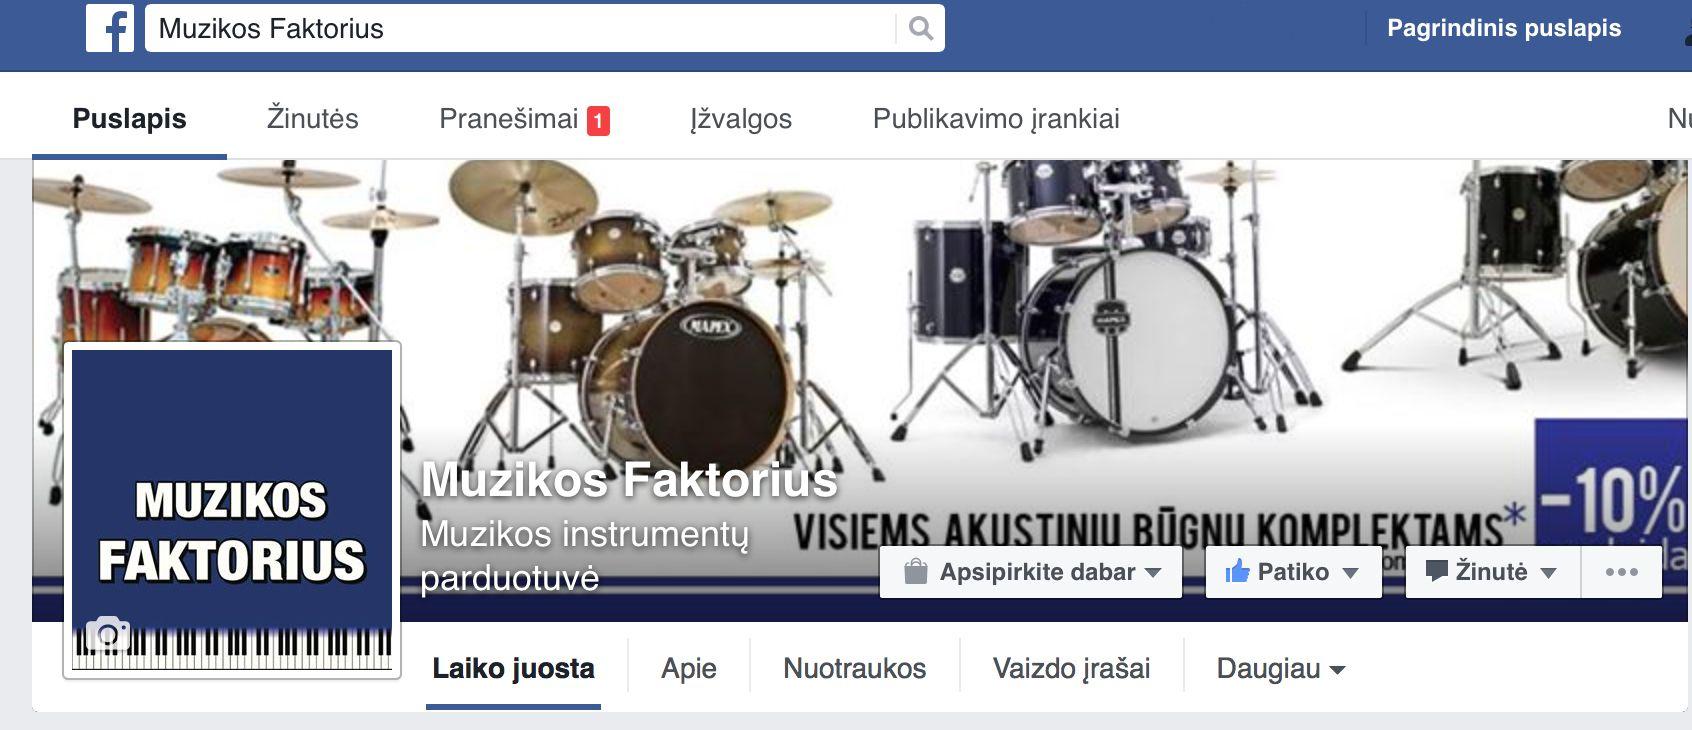 Muzikos Faktorius in Facebook